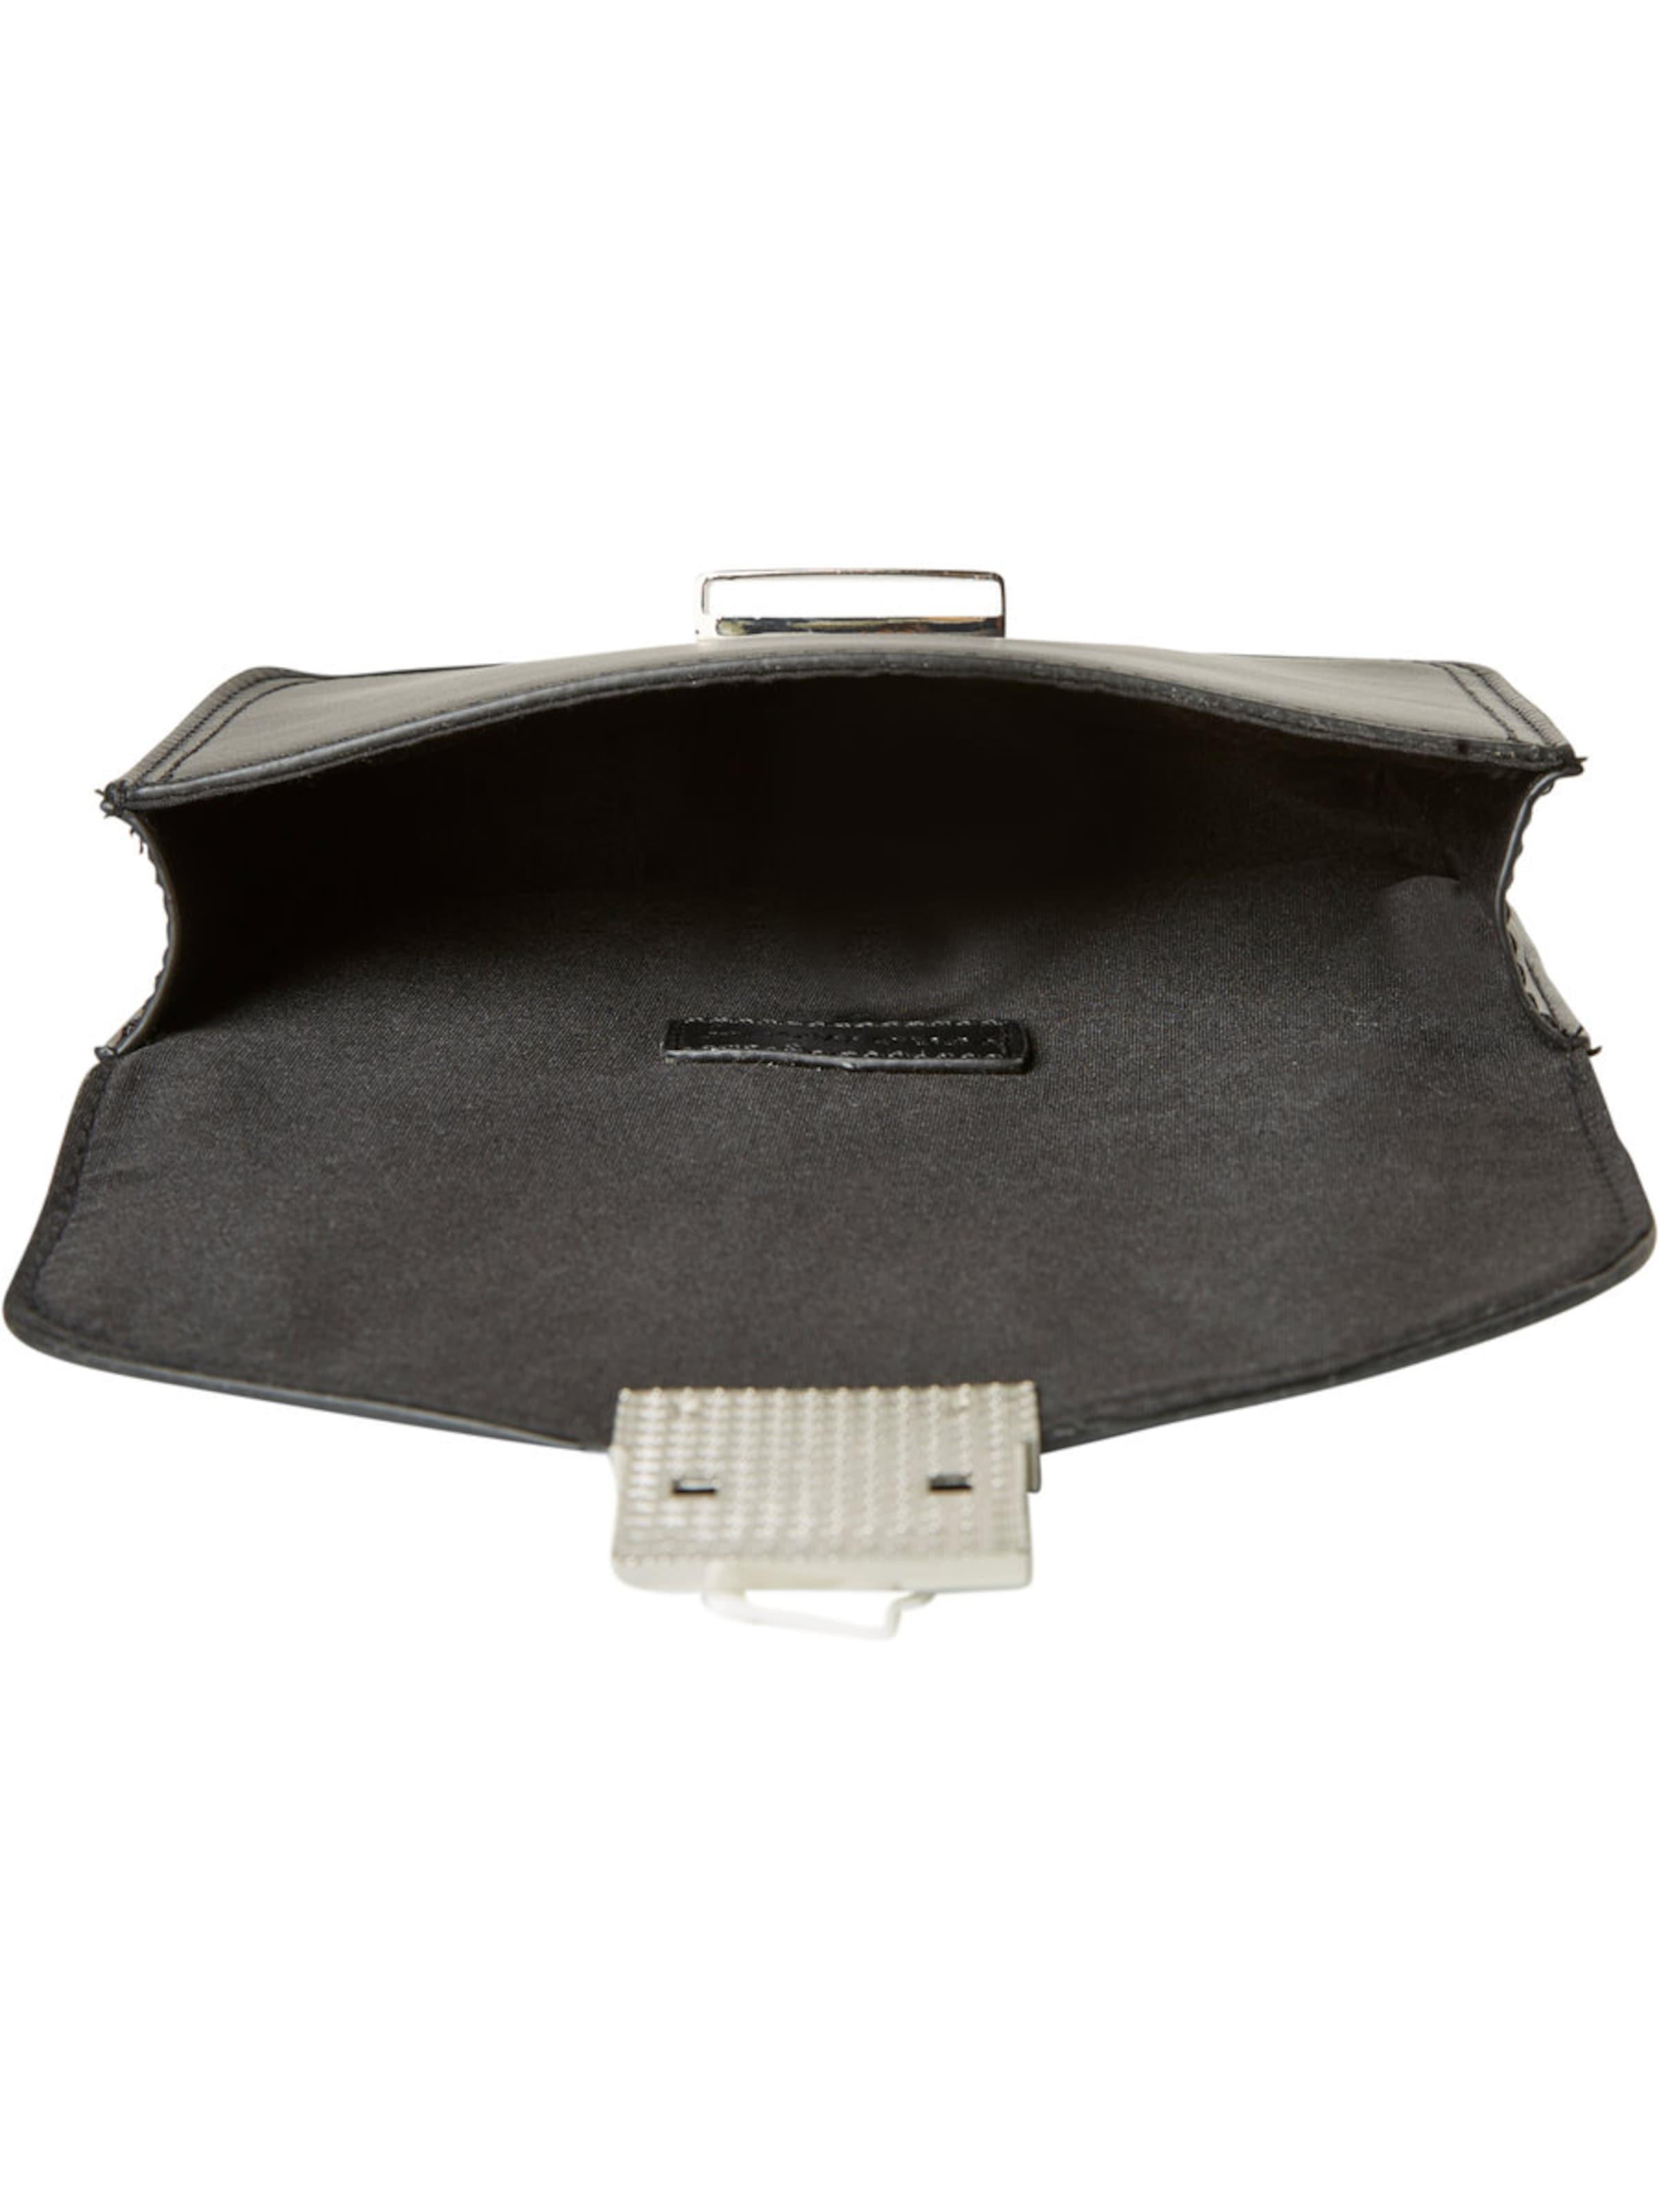 Günstiges Online-Shopping Billig VERO MODA Umhänge Tasche Sehr Billig Manchester Günstig Online Verkauf Zuverlässig pTyWGBmr8